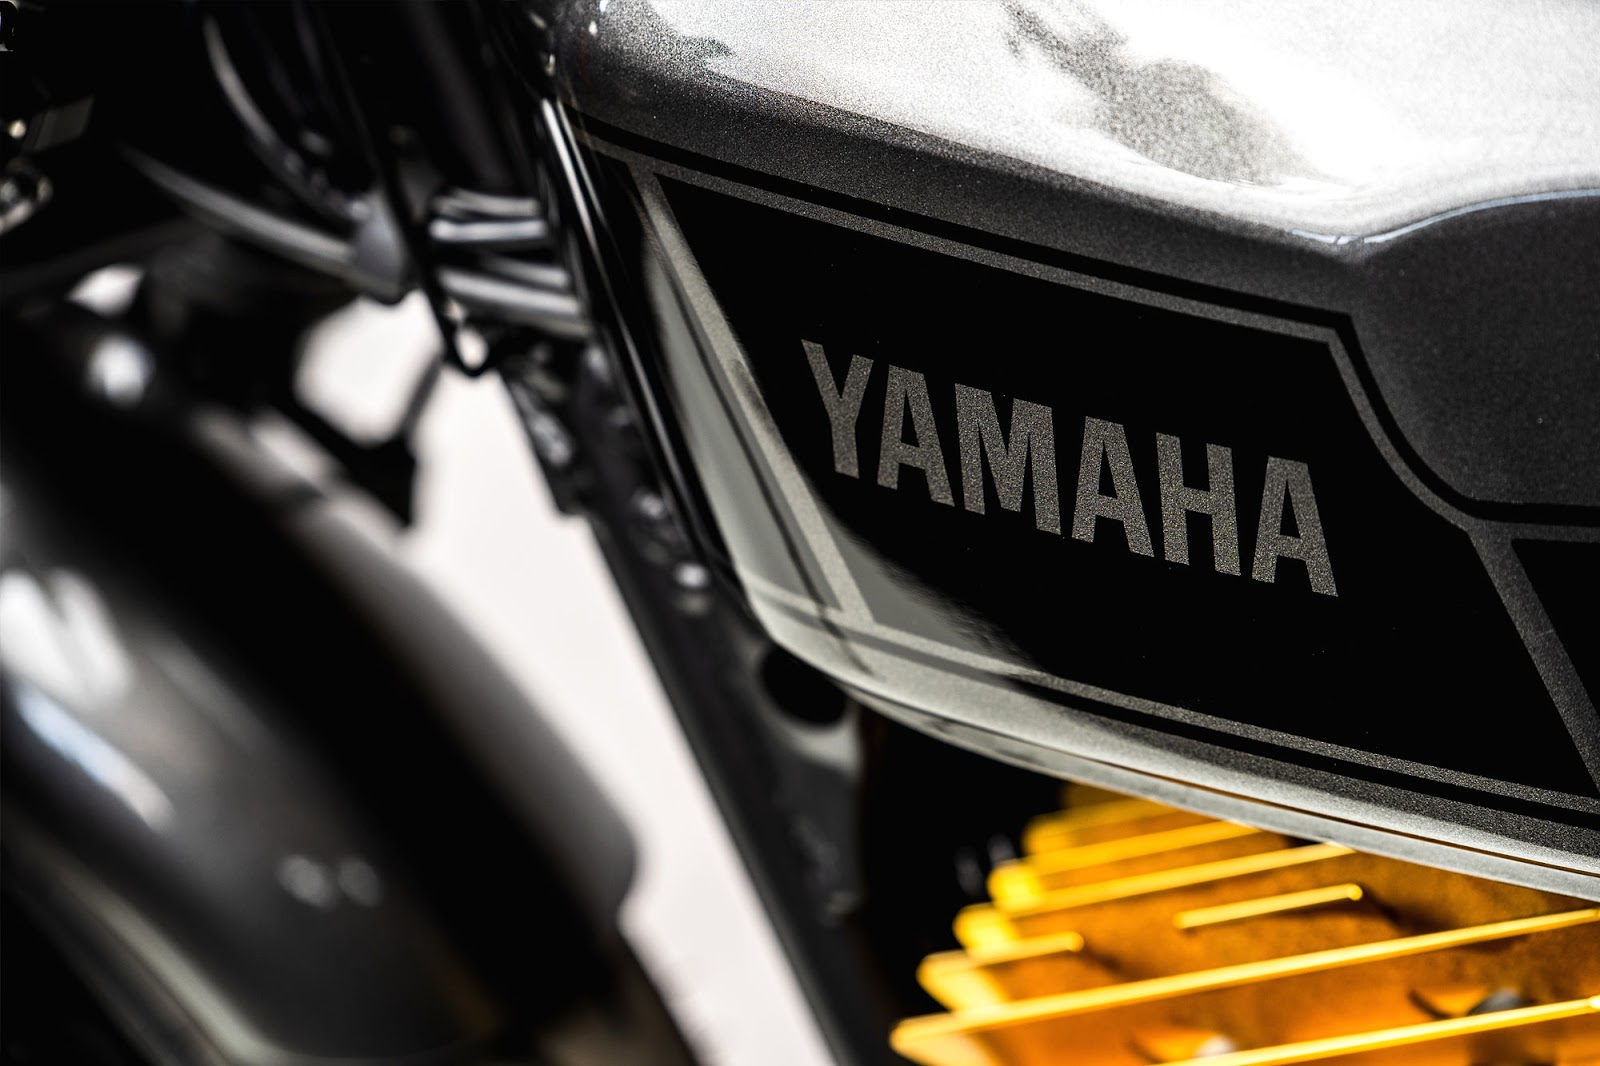 Yamaha Rd 400 Top Speed